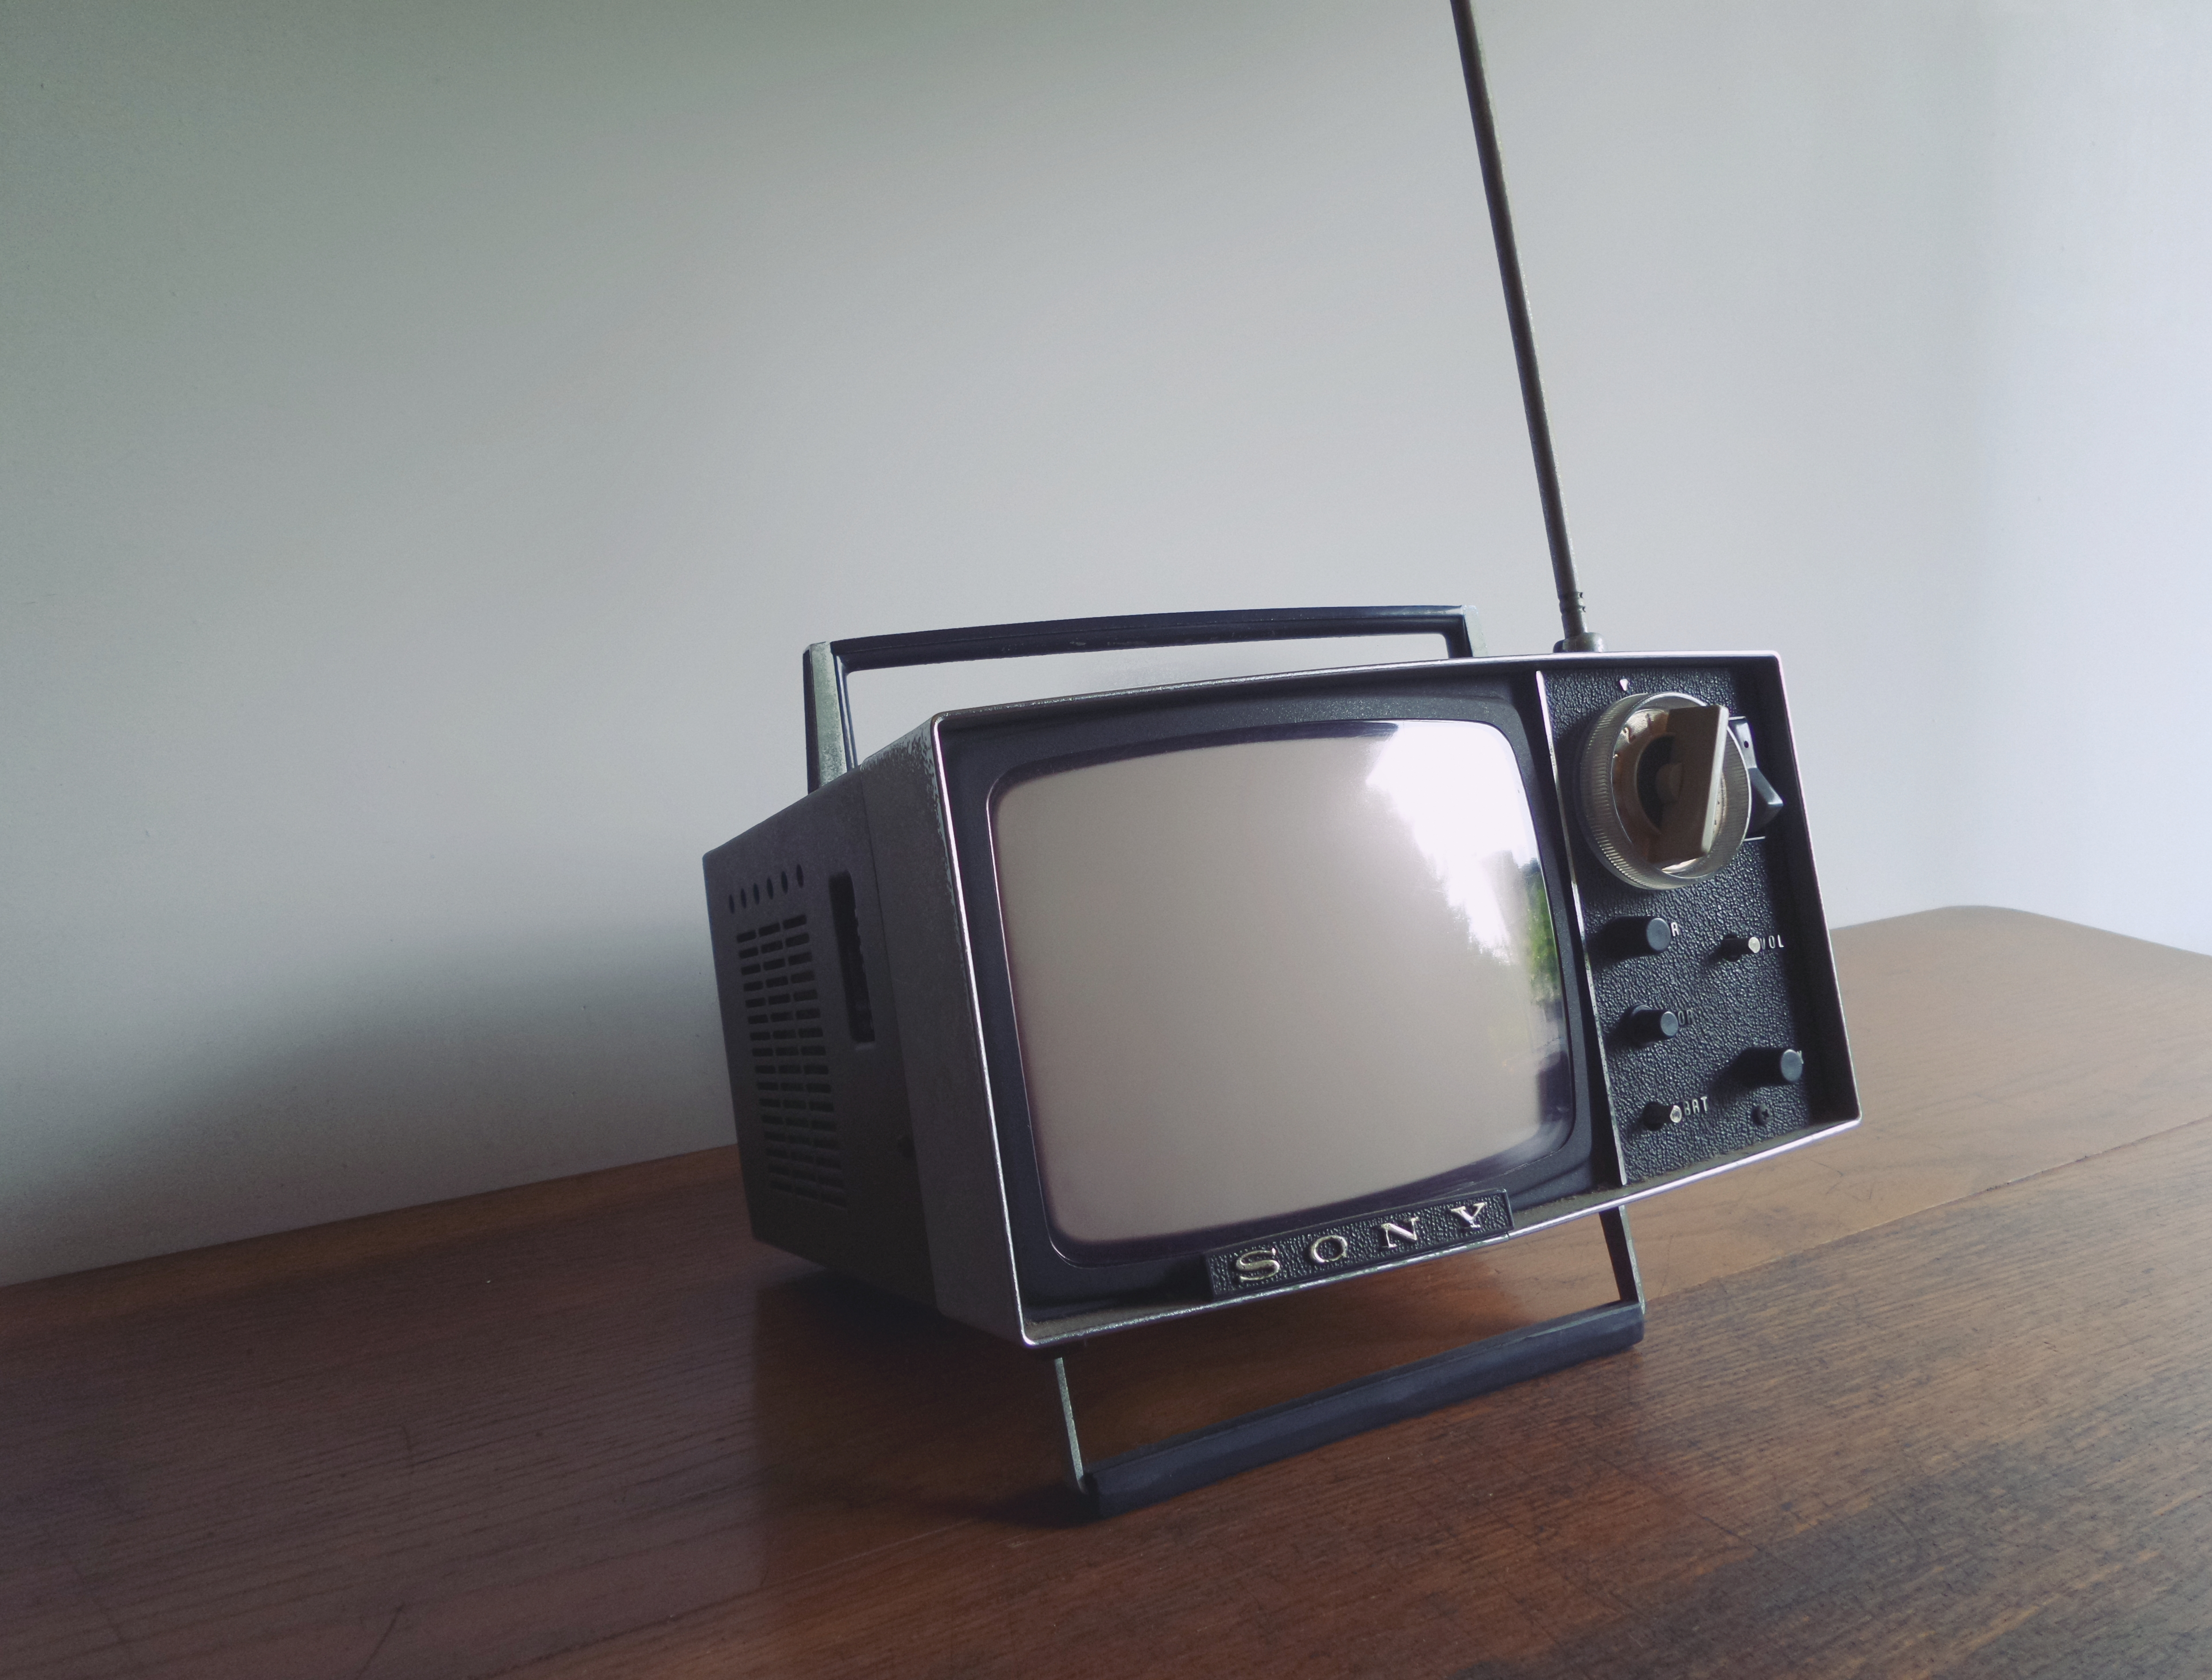 Do Millennials Want Vertical TVs? April 29, 2019